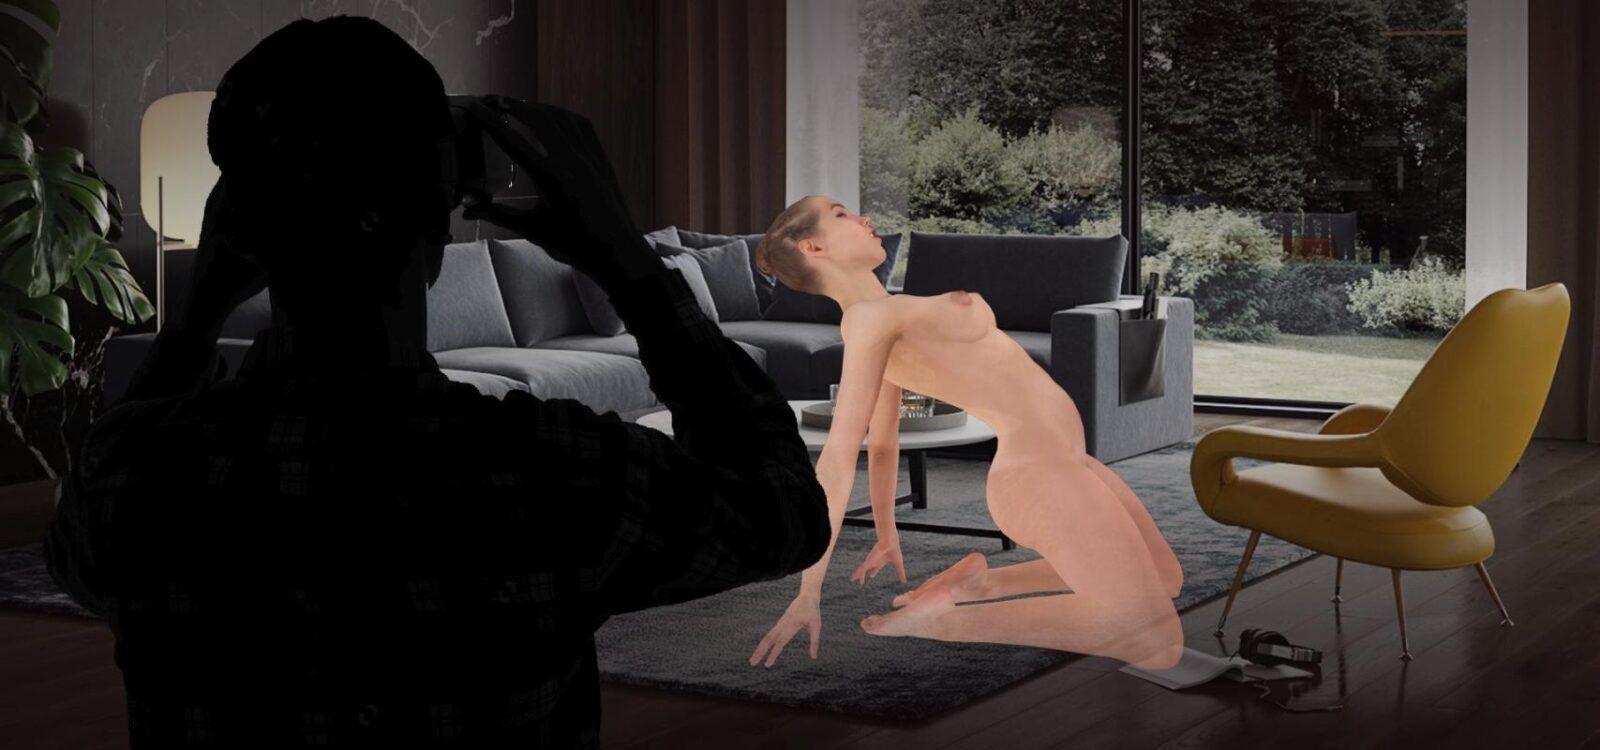 ar porno bij arconk